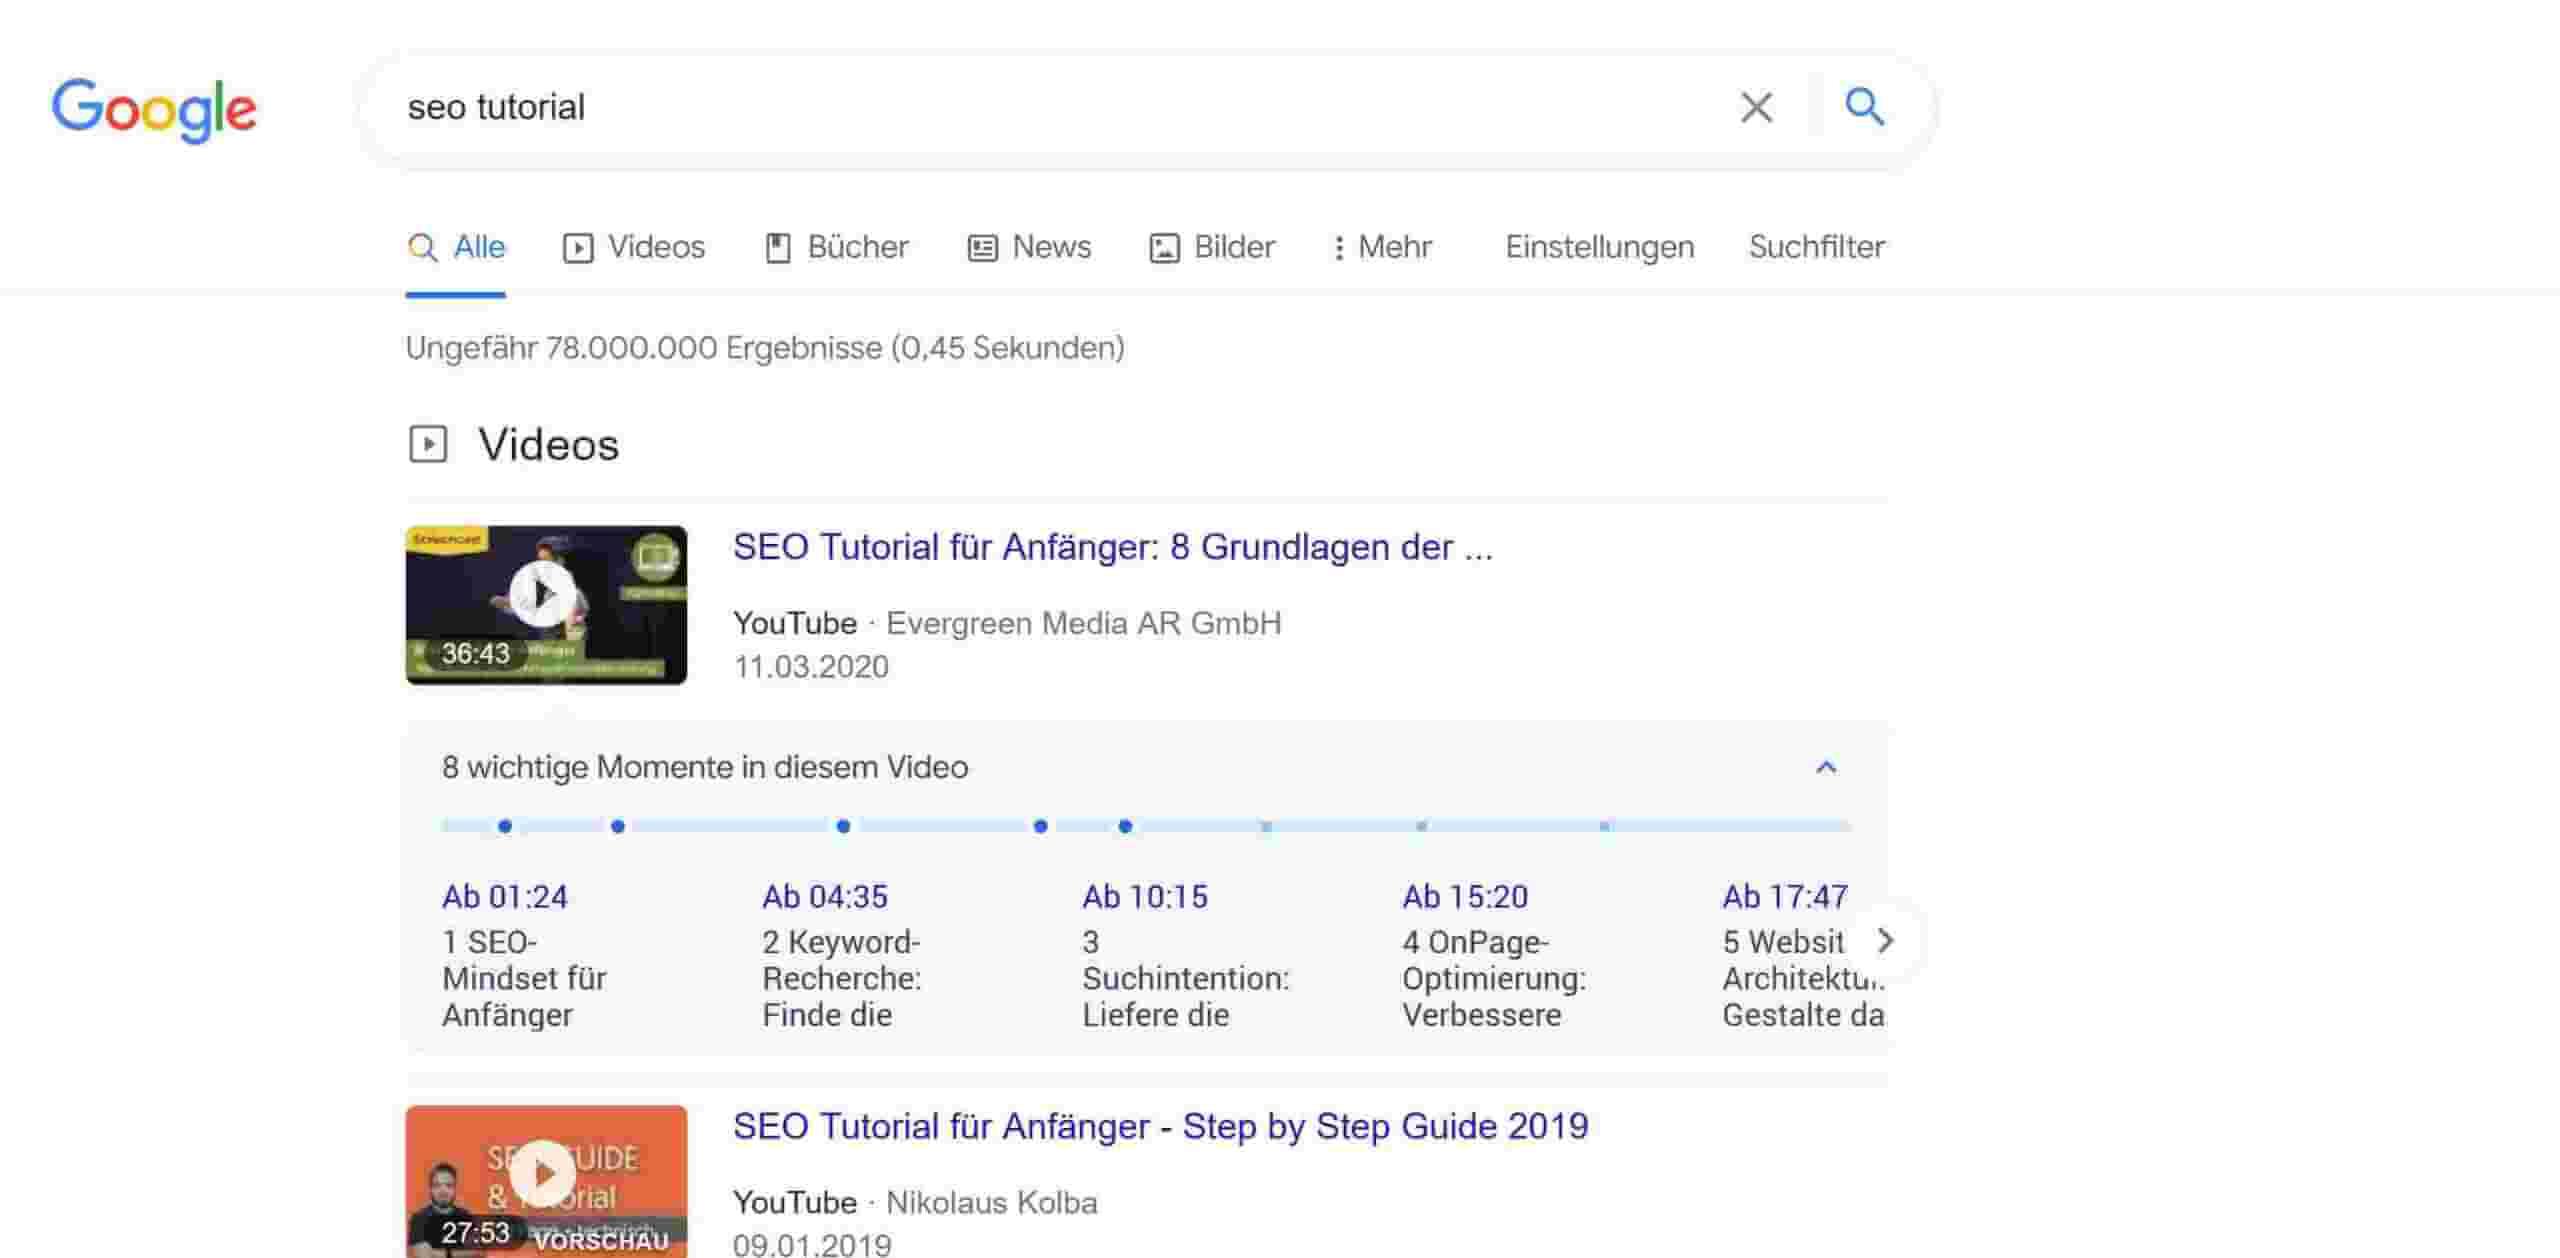 YouTube Suchergebnisse bei Google SERP